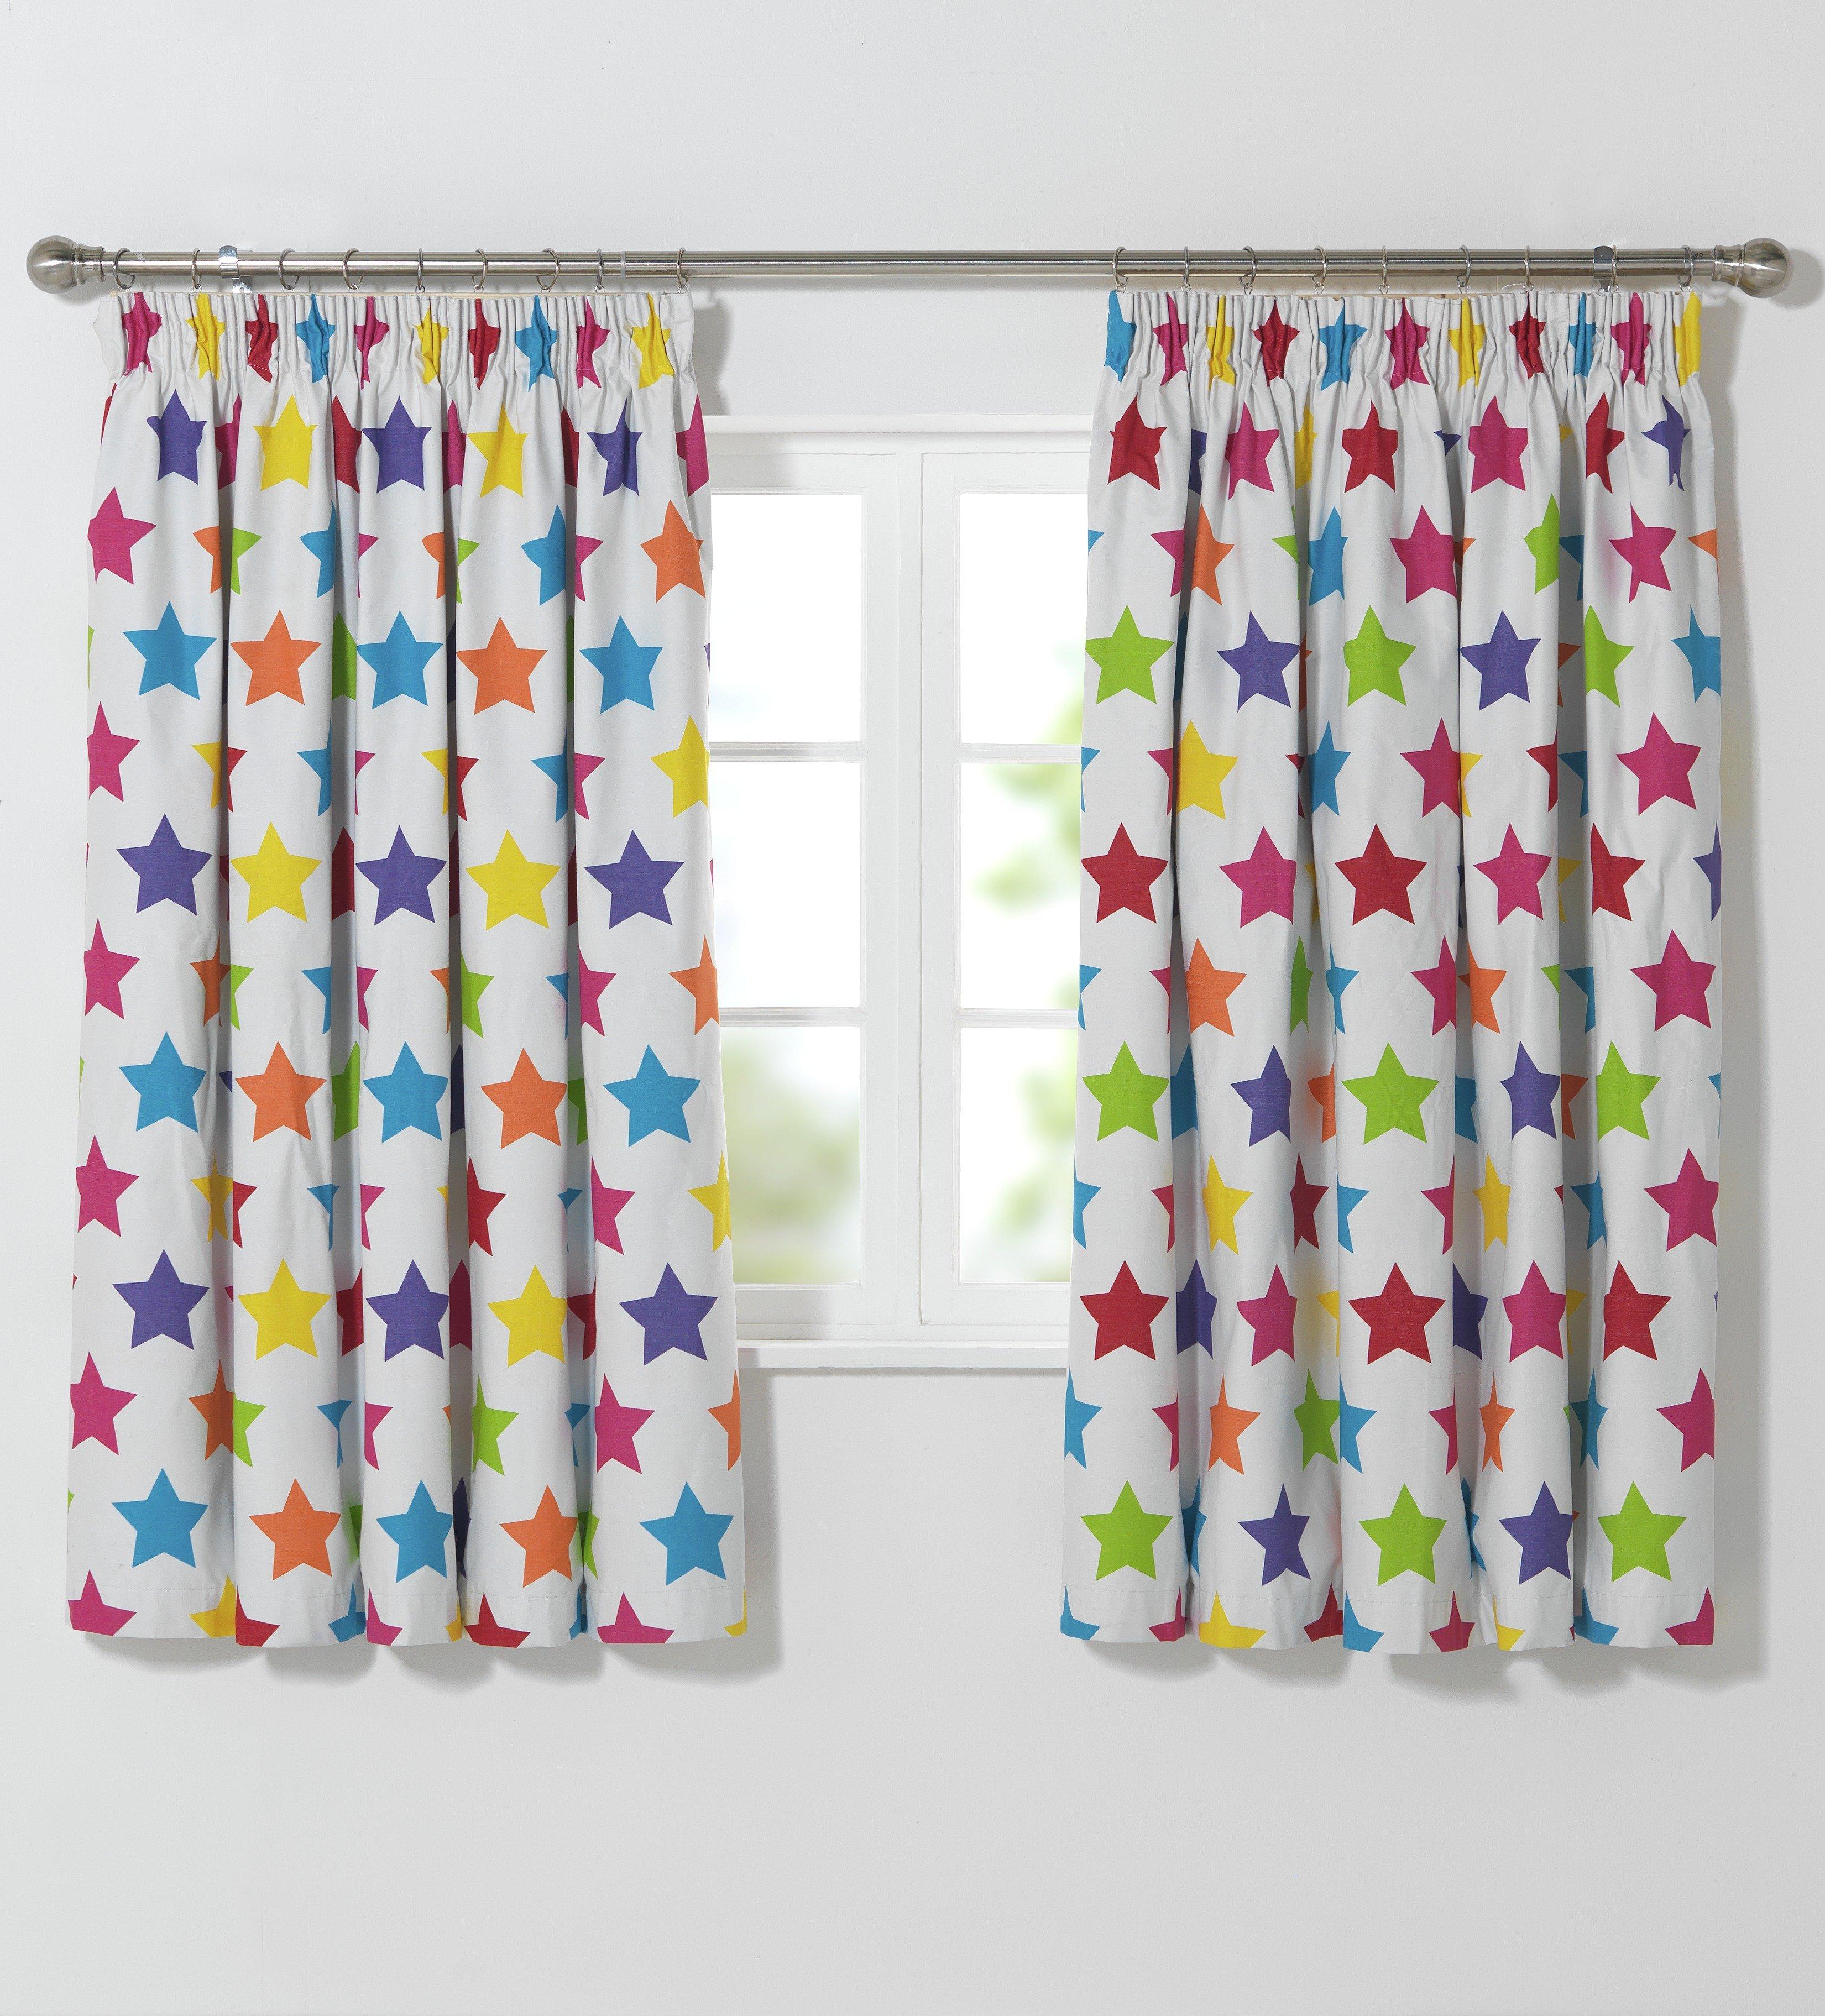 Beaded door curtains argos - Colourmatch Kid S Star Blackout Curtains 168 X